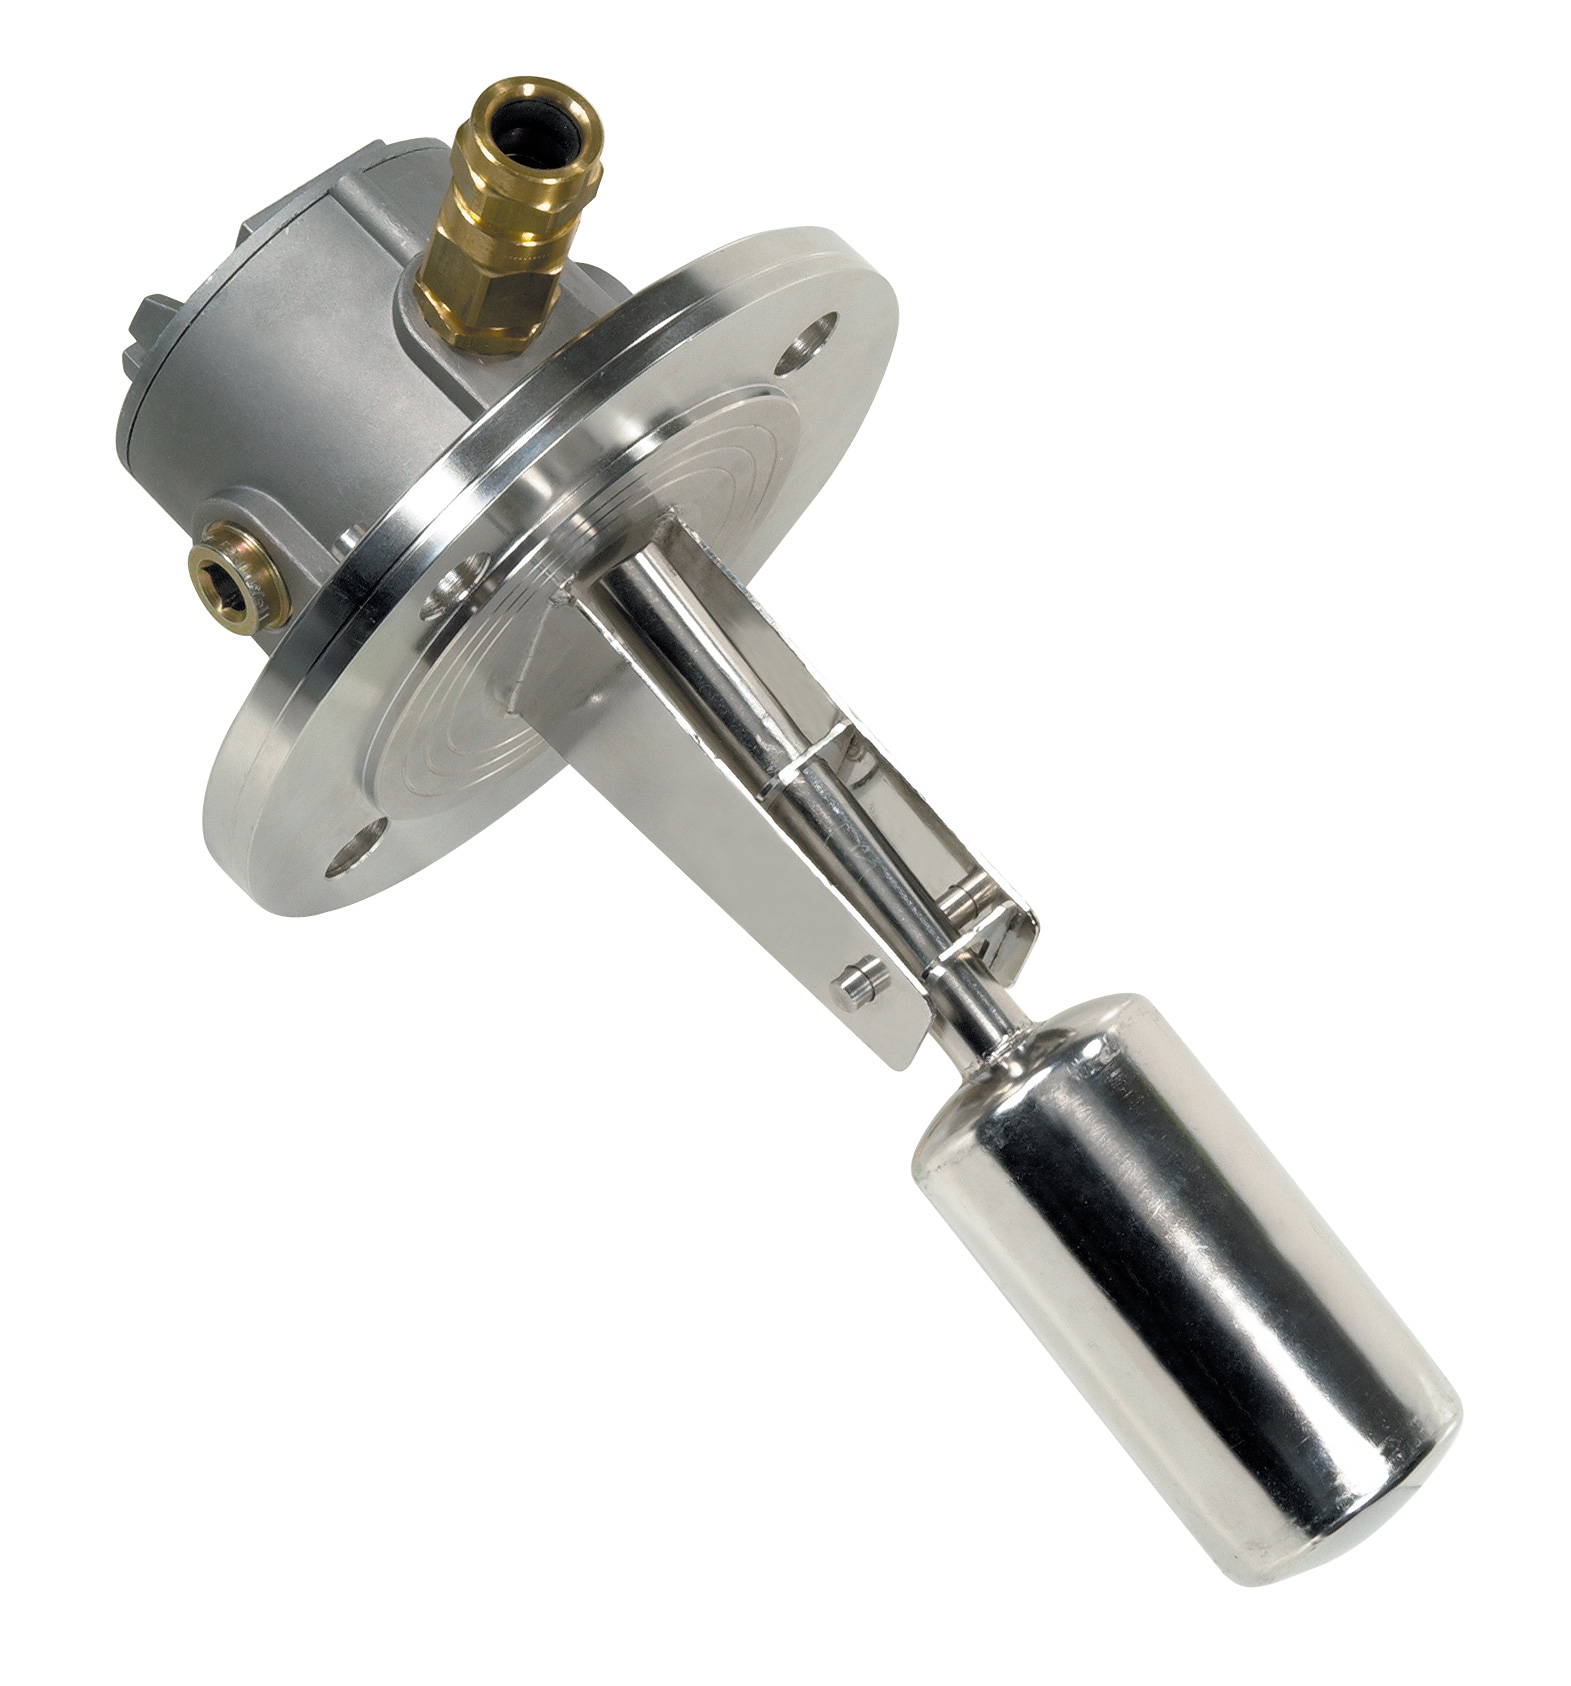 Interrupteur de niveau LC40 INOX-316L ATEX Ex-d